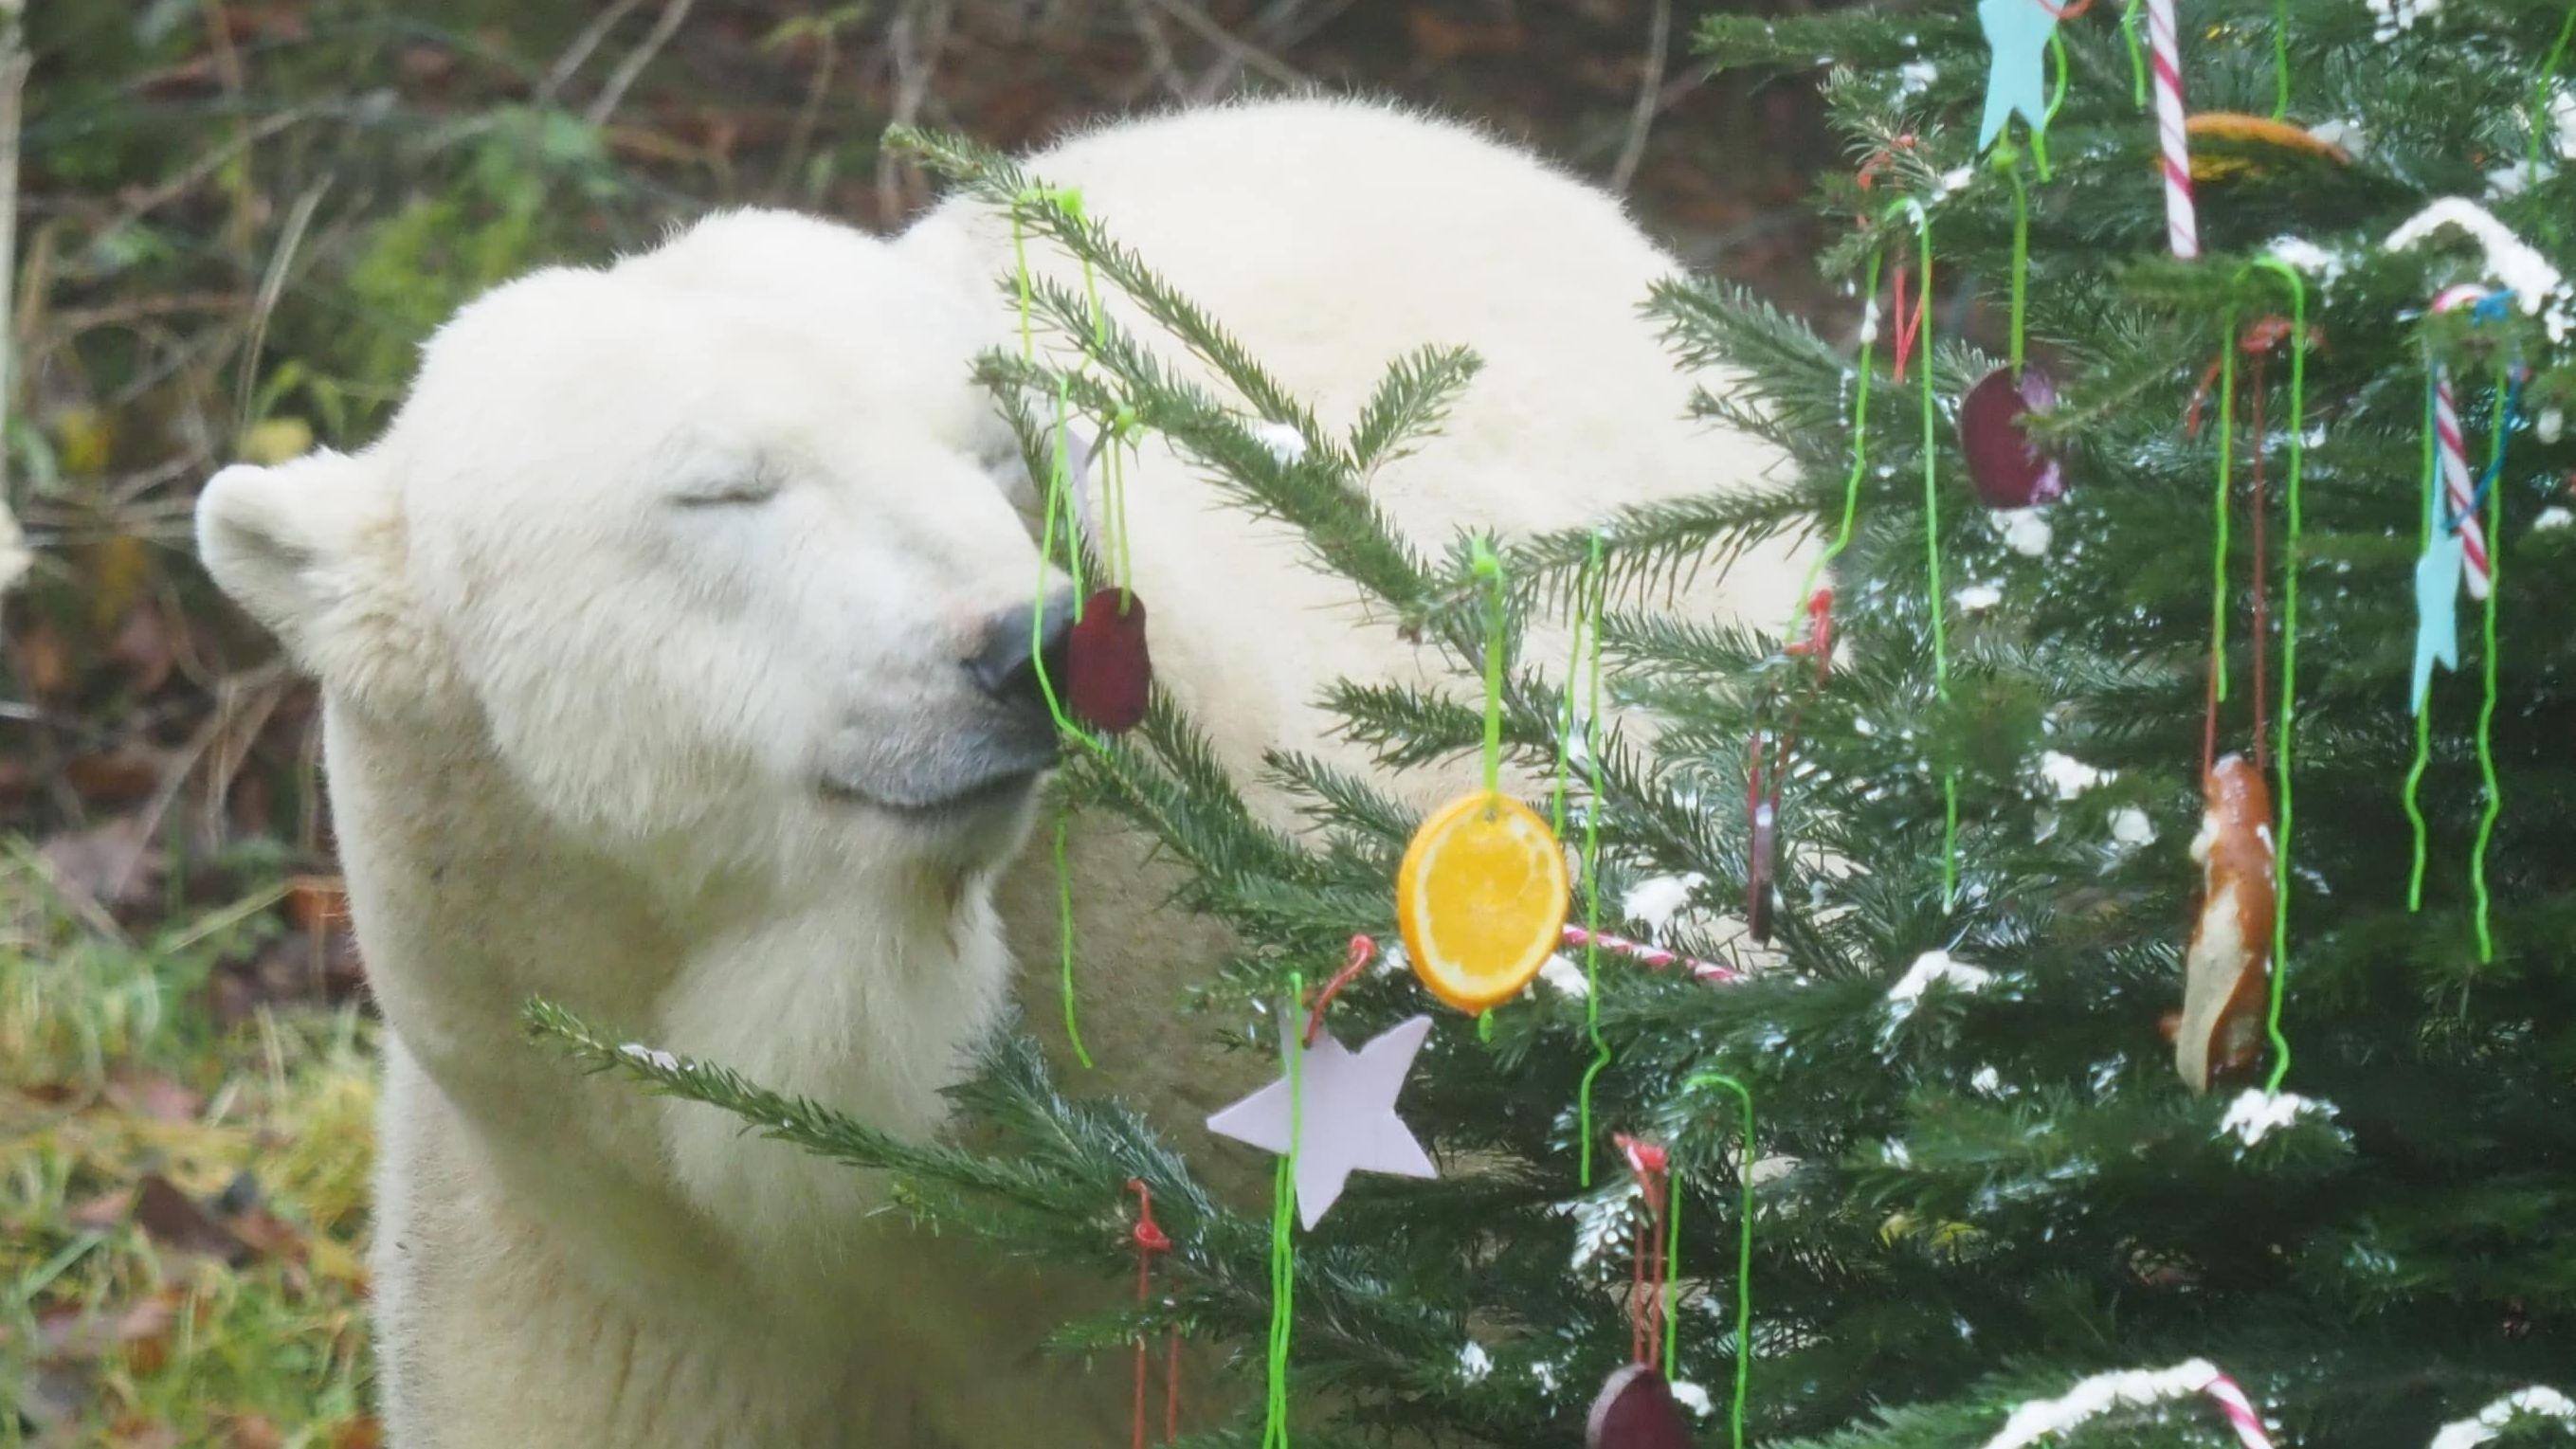 Eisbärin Giovanna riecht an einer Leckerei an ihrem Christbaum.